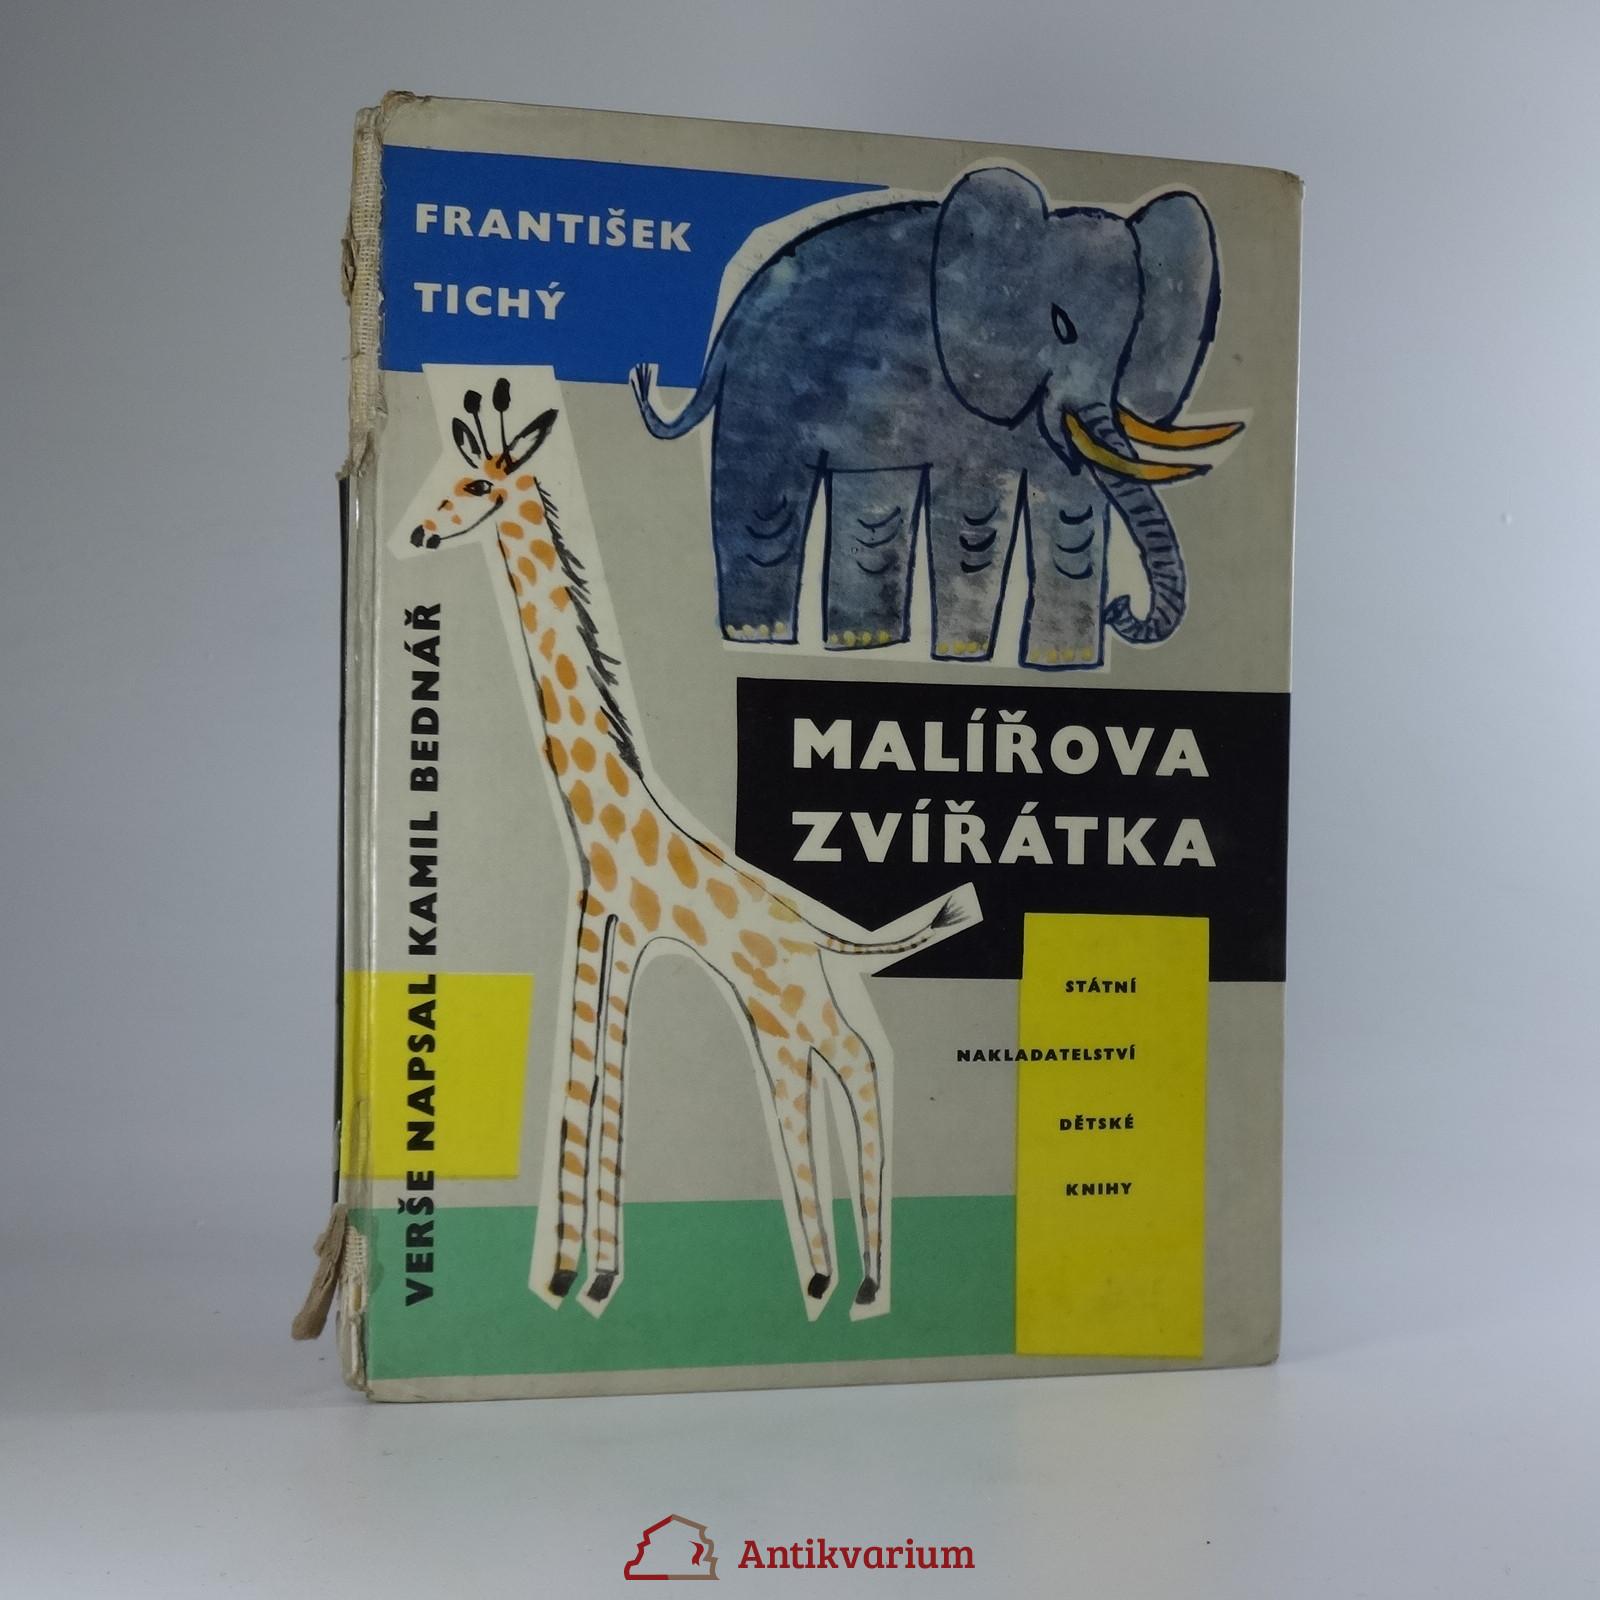 antikvární kniha Malířova zvířátka, 1961